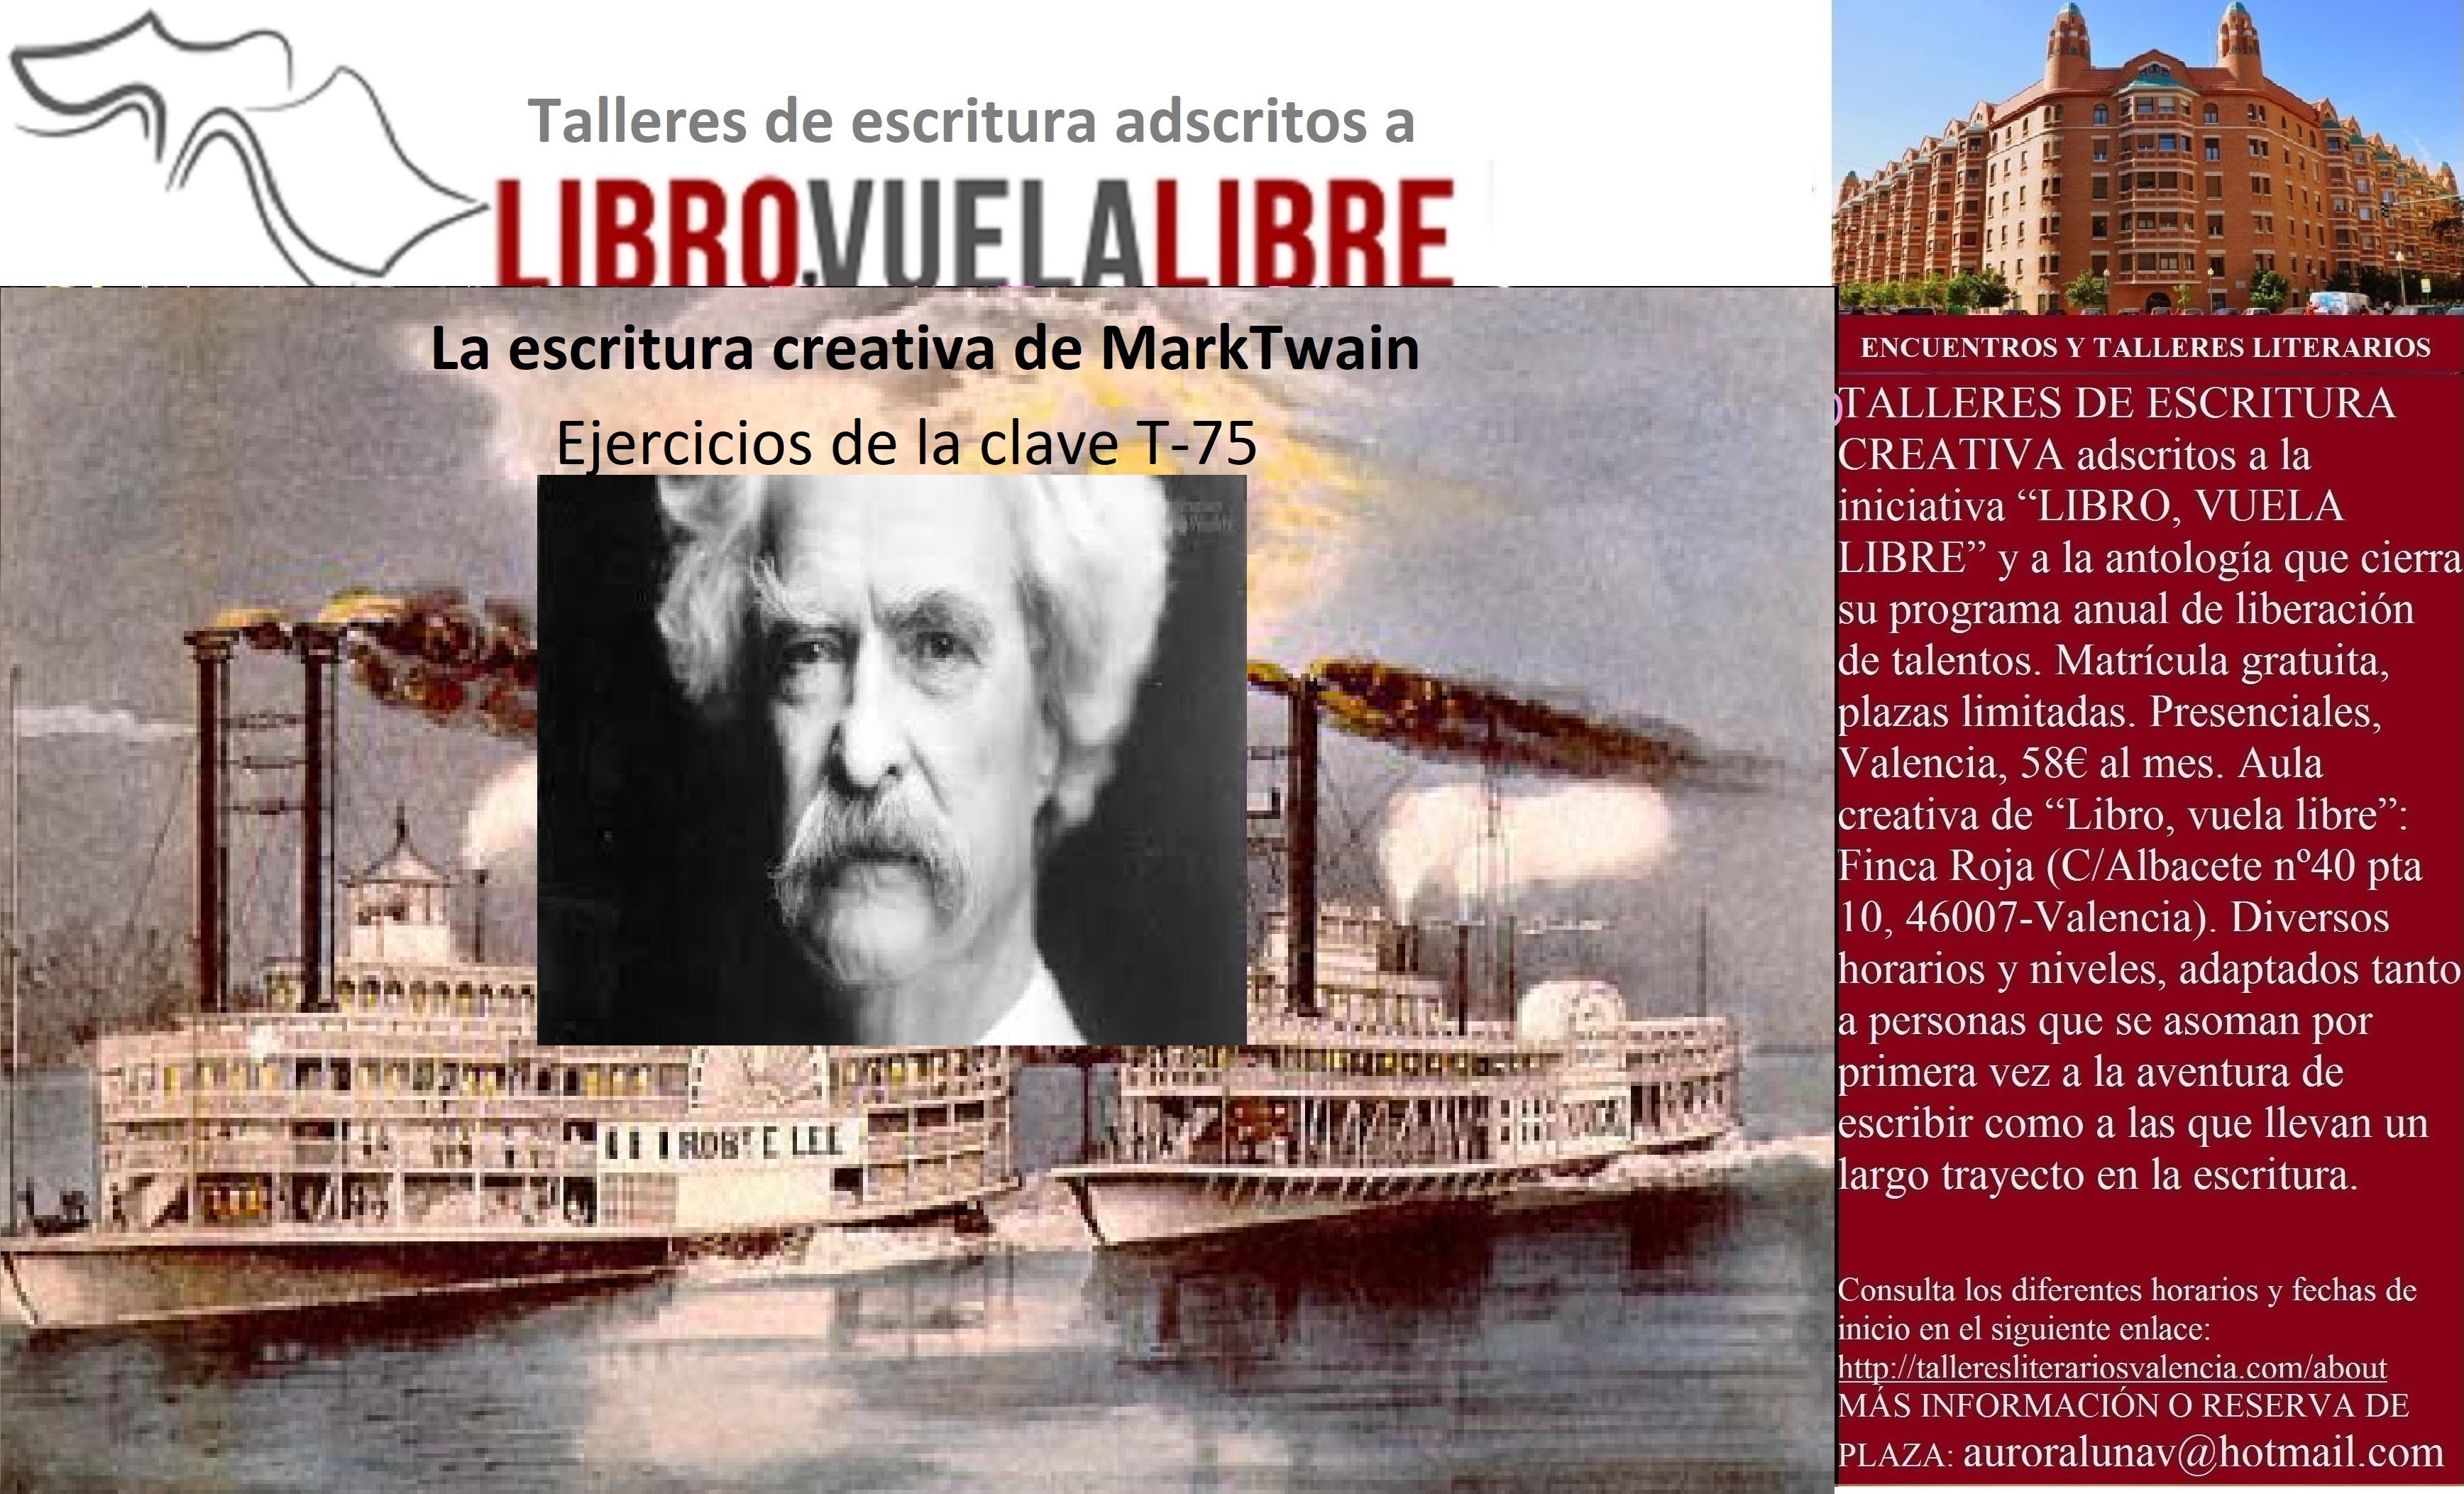 Taller de novela: la escritura creativa de Twain, ejercicios de la clave T-75